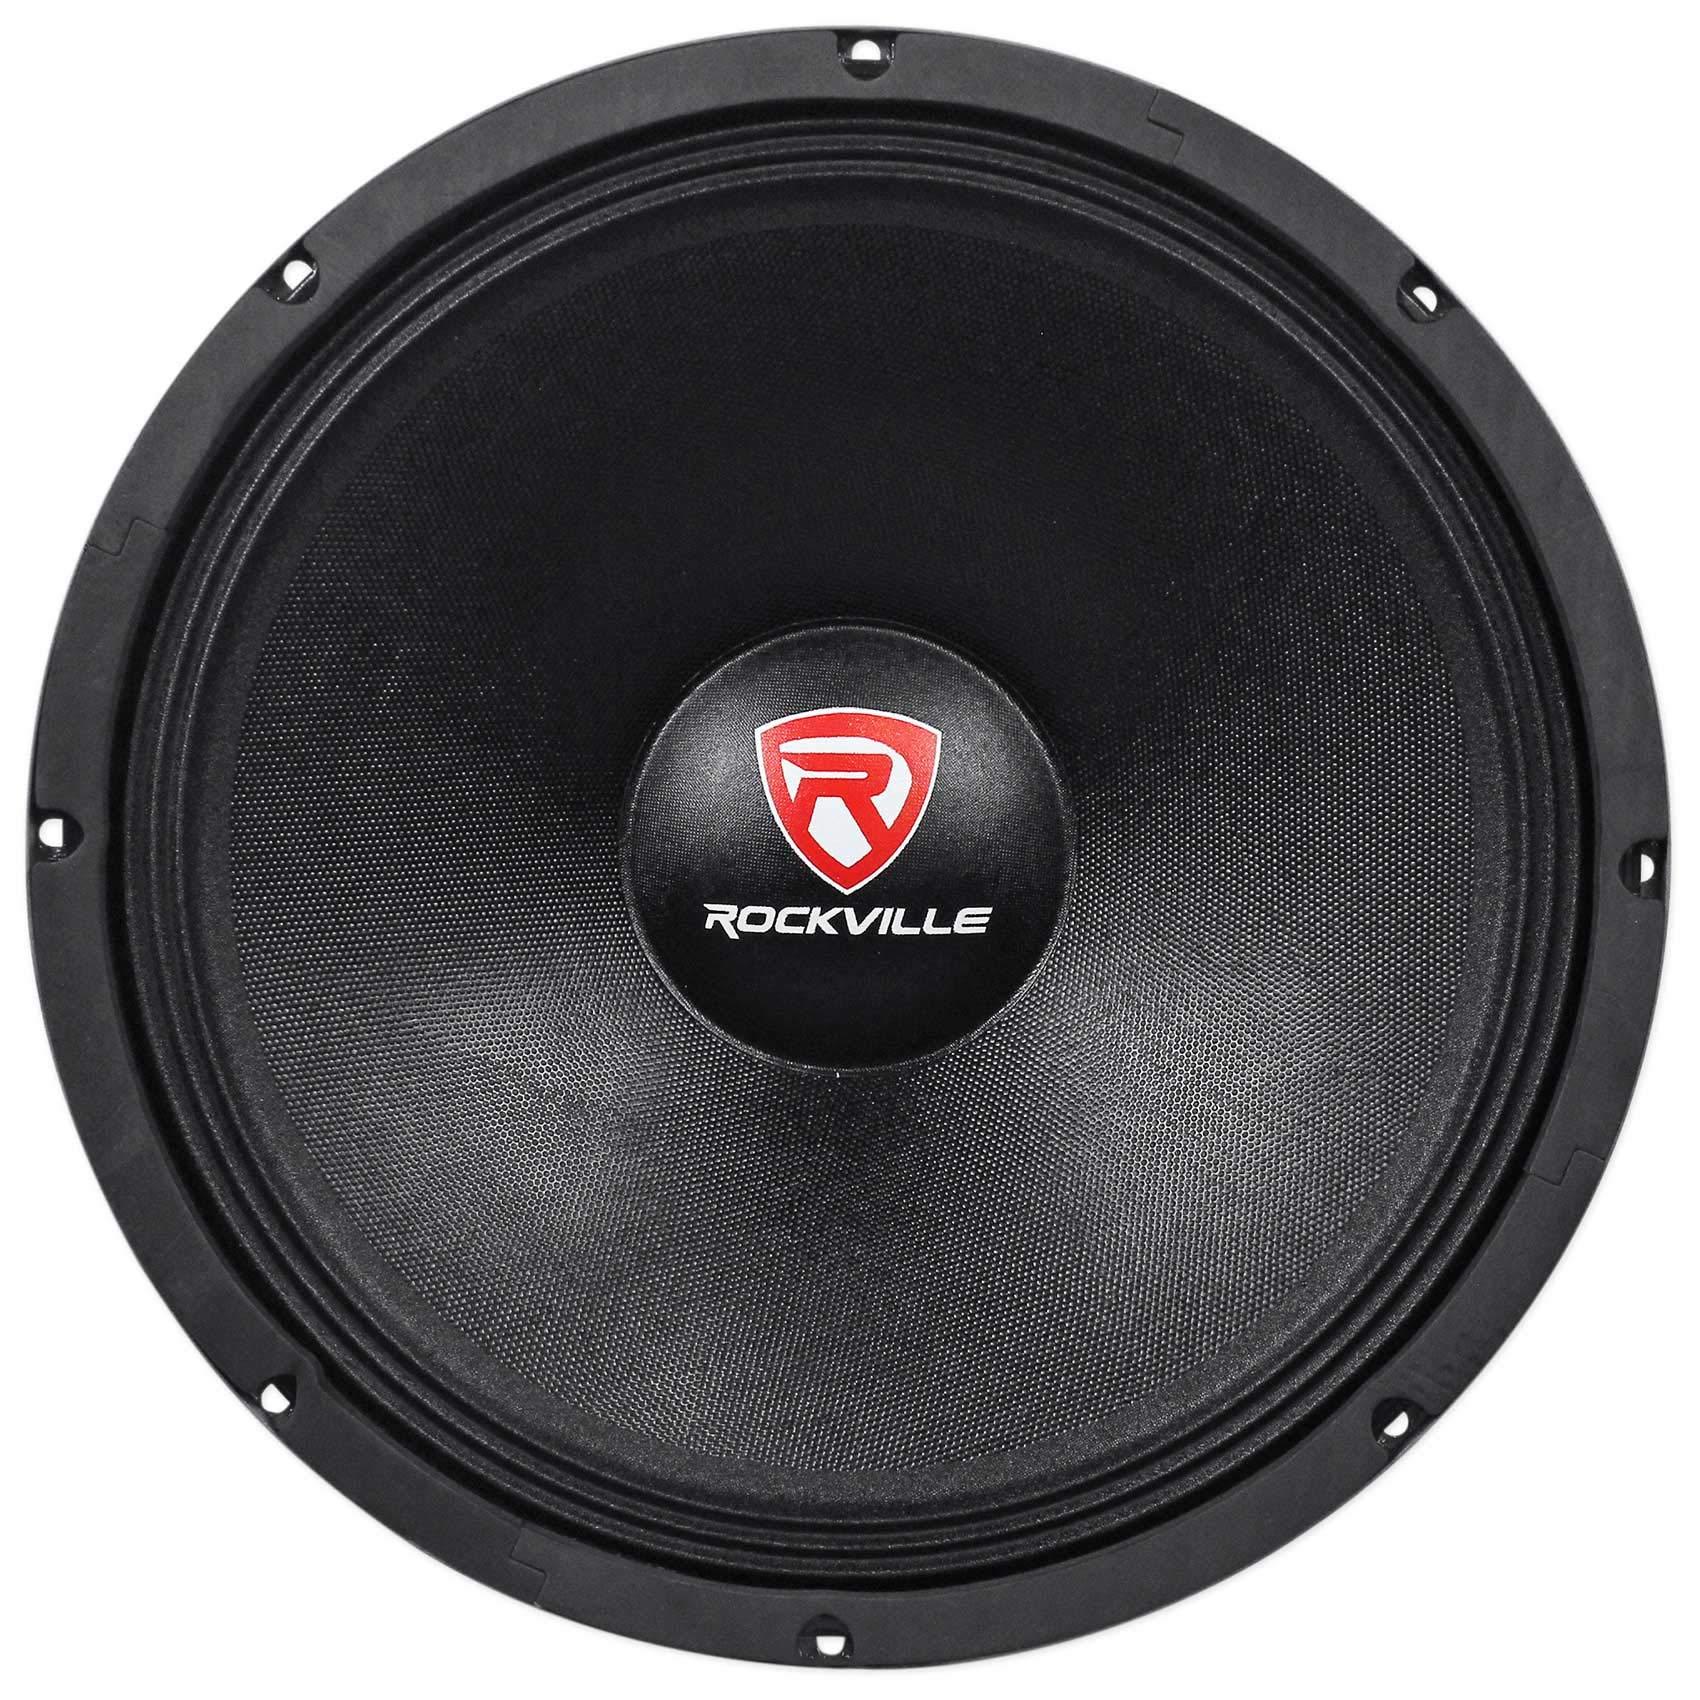 Rockville 15'' Replacement Driver/Speaker For (1) JBL JRX225 Woofer